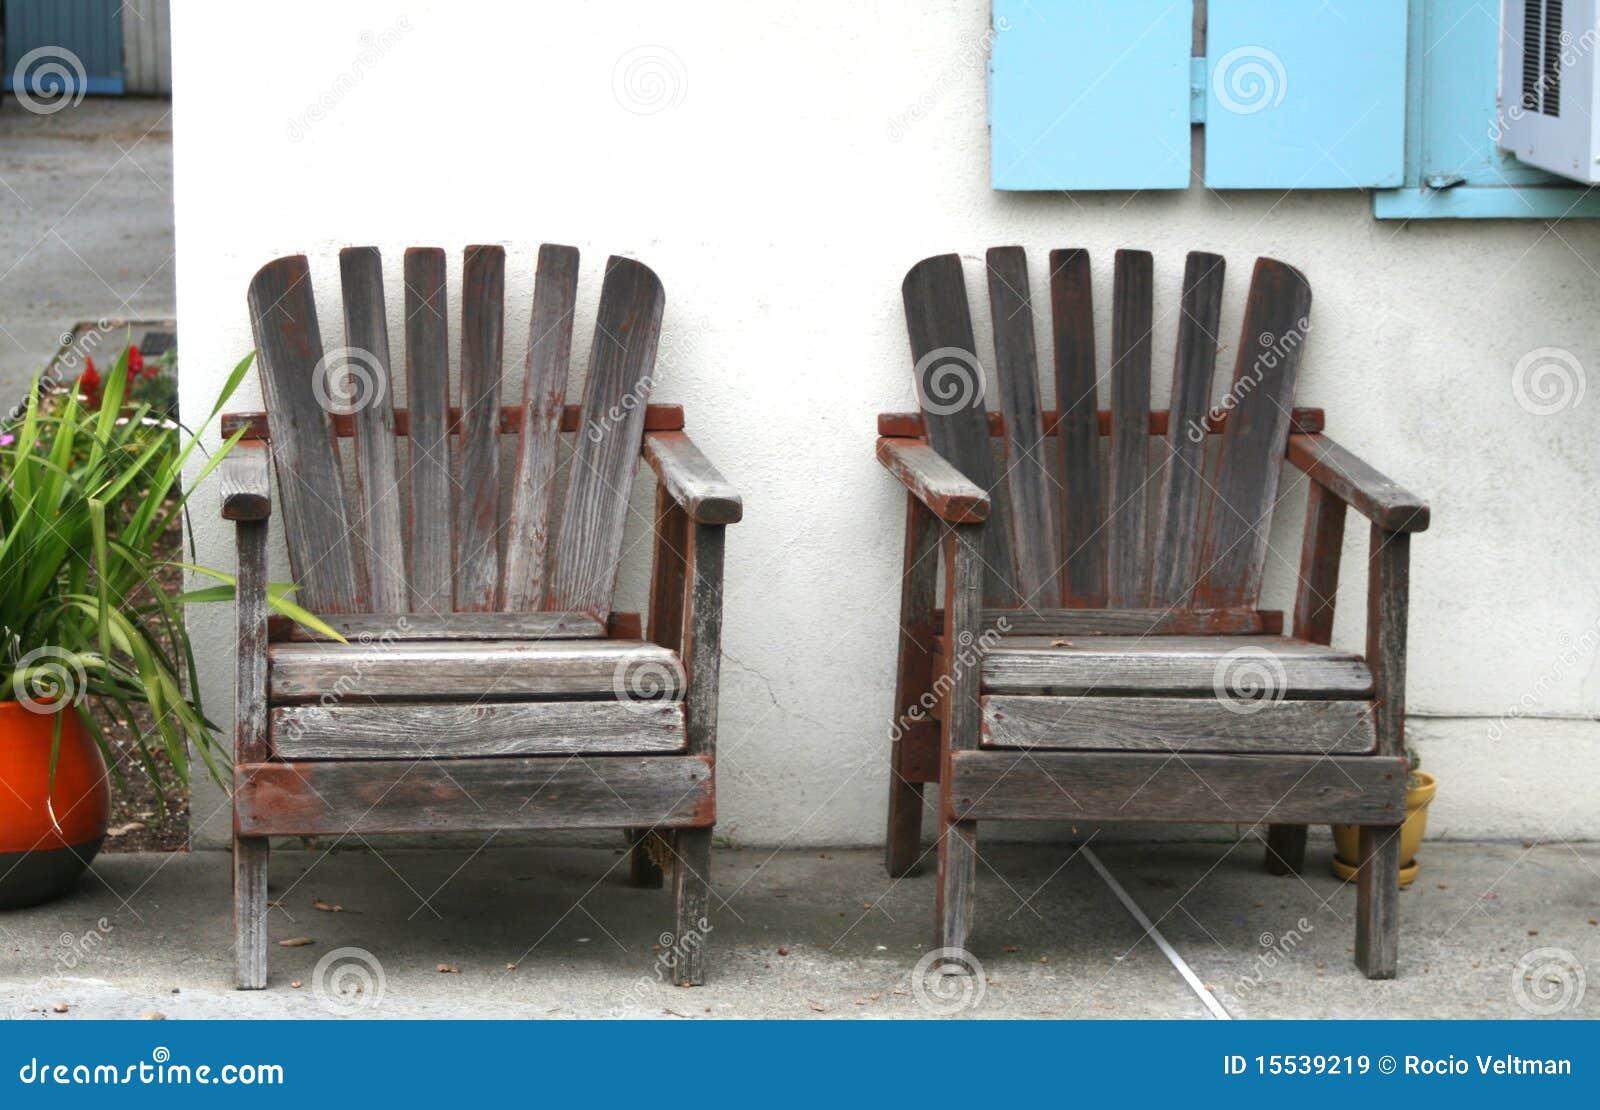 Sillas de madera resistidas for Imagenes de sillas de madera